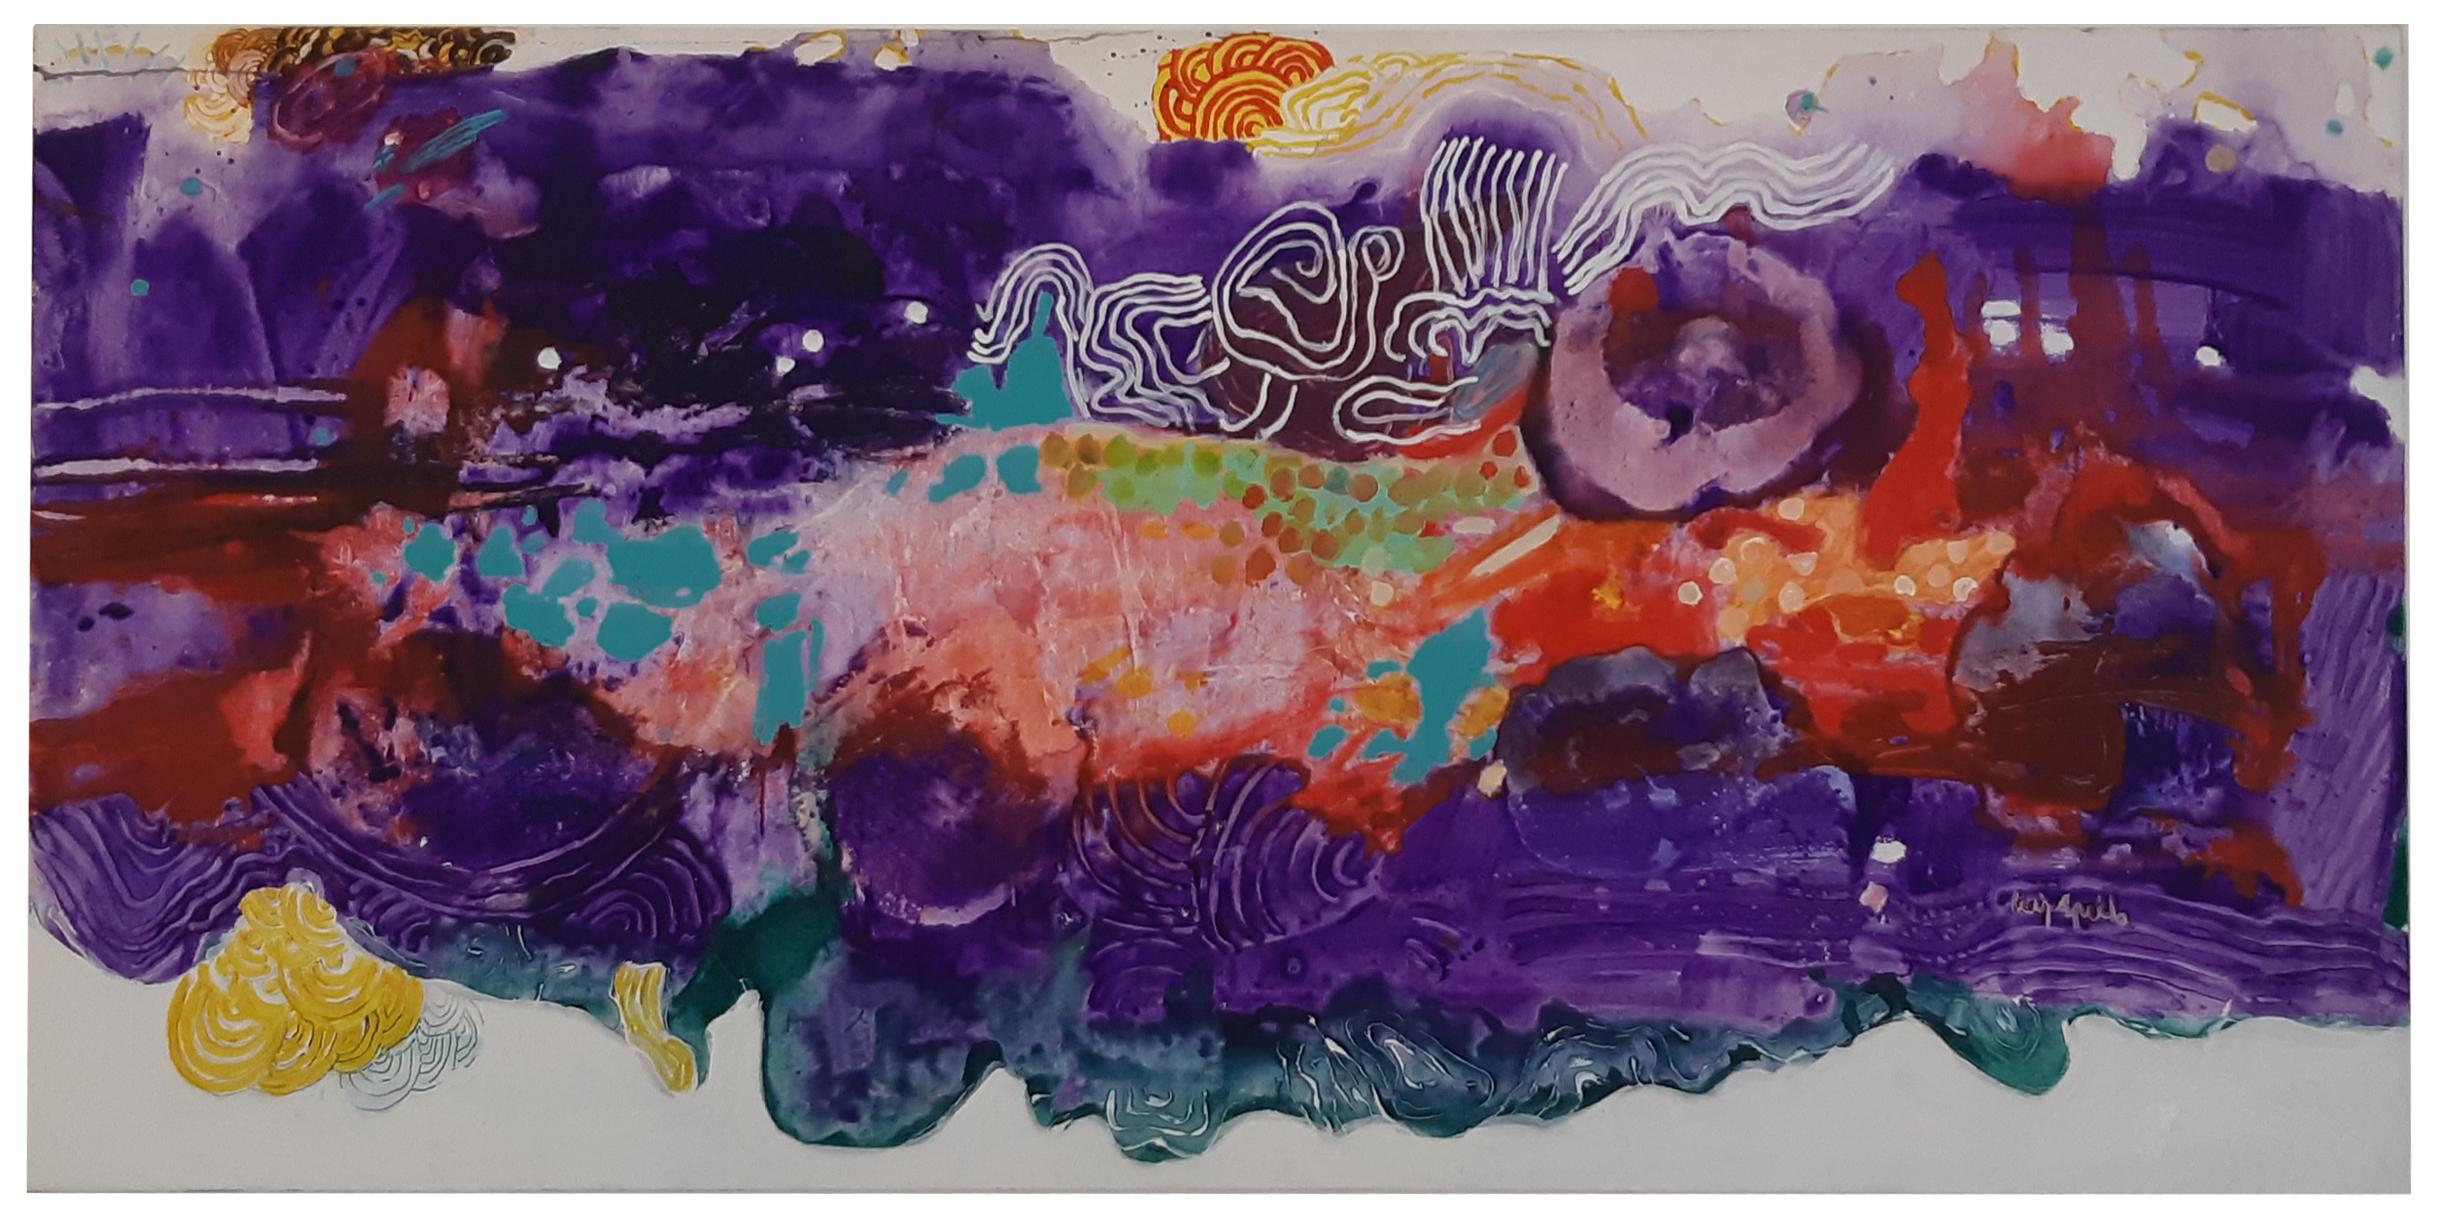 Luiz Áquila, A pintura e a pergunta do título, Acrílica sobre tela, 100 x 200 cm, 2010